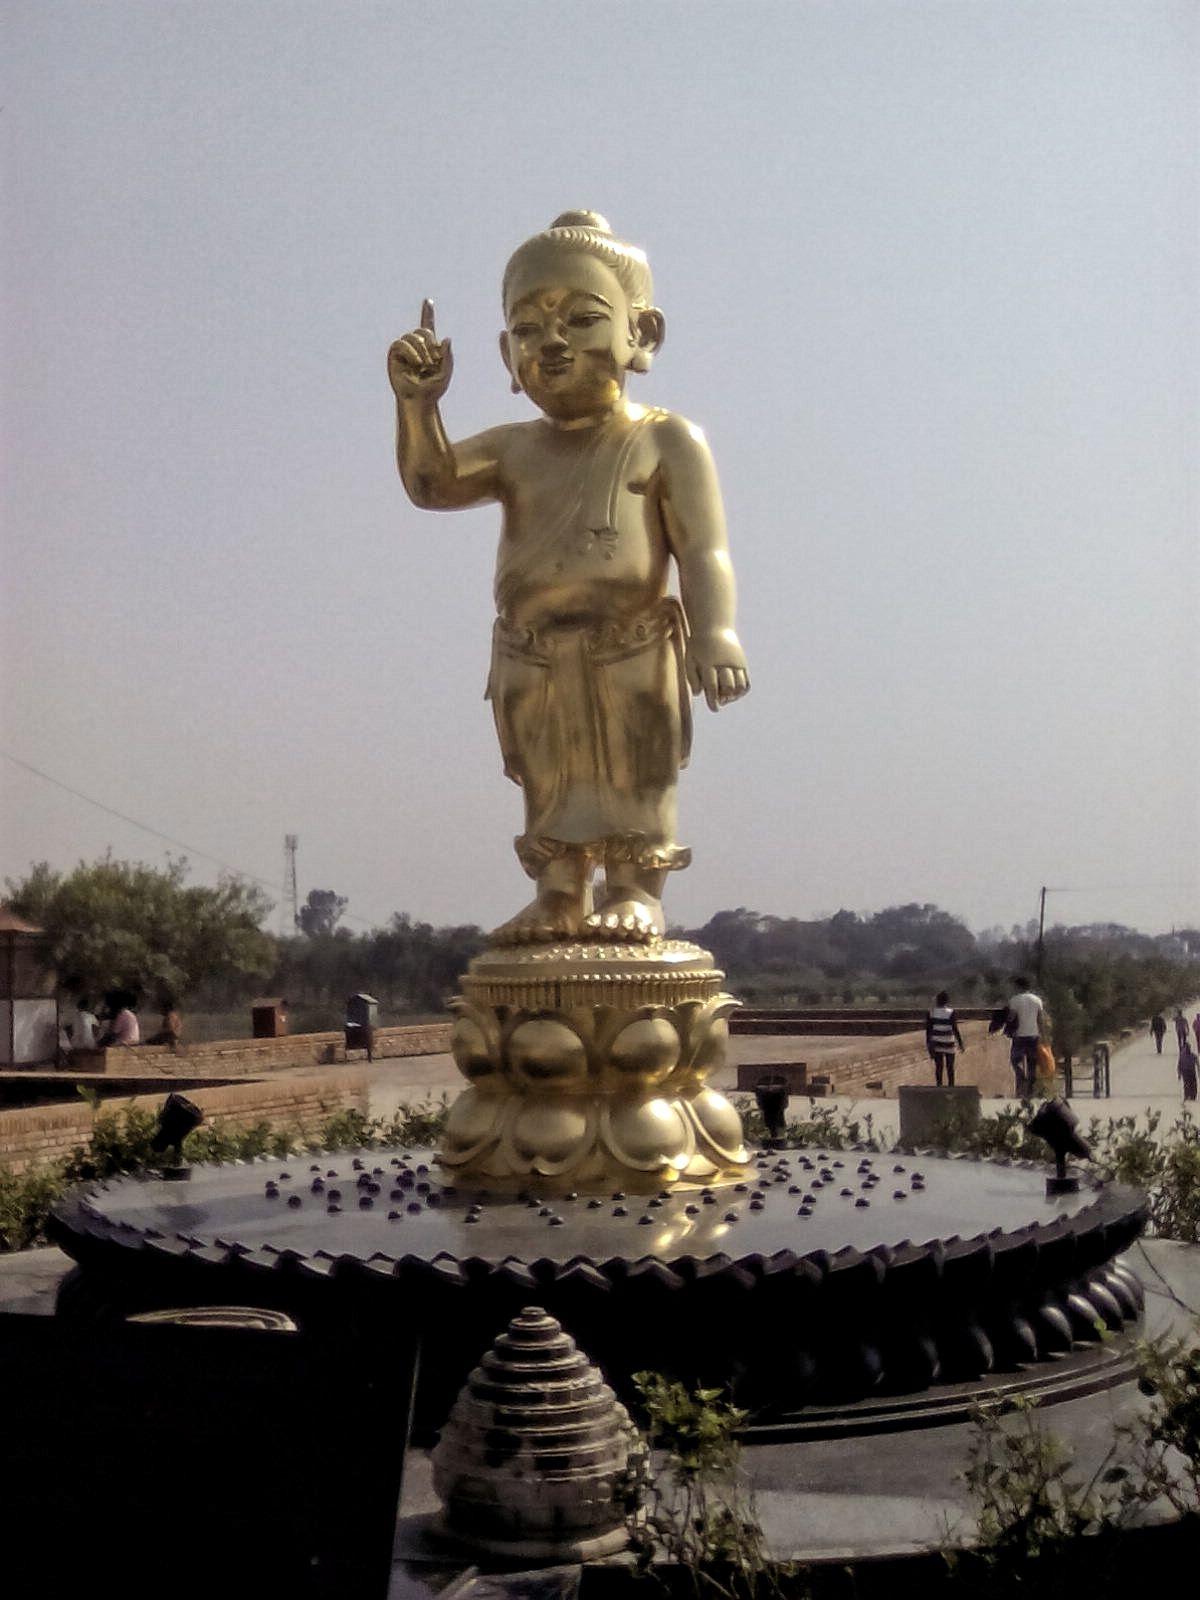 bouddha enfant or statue lumbini nepal